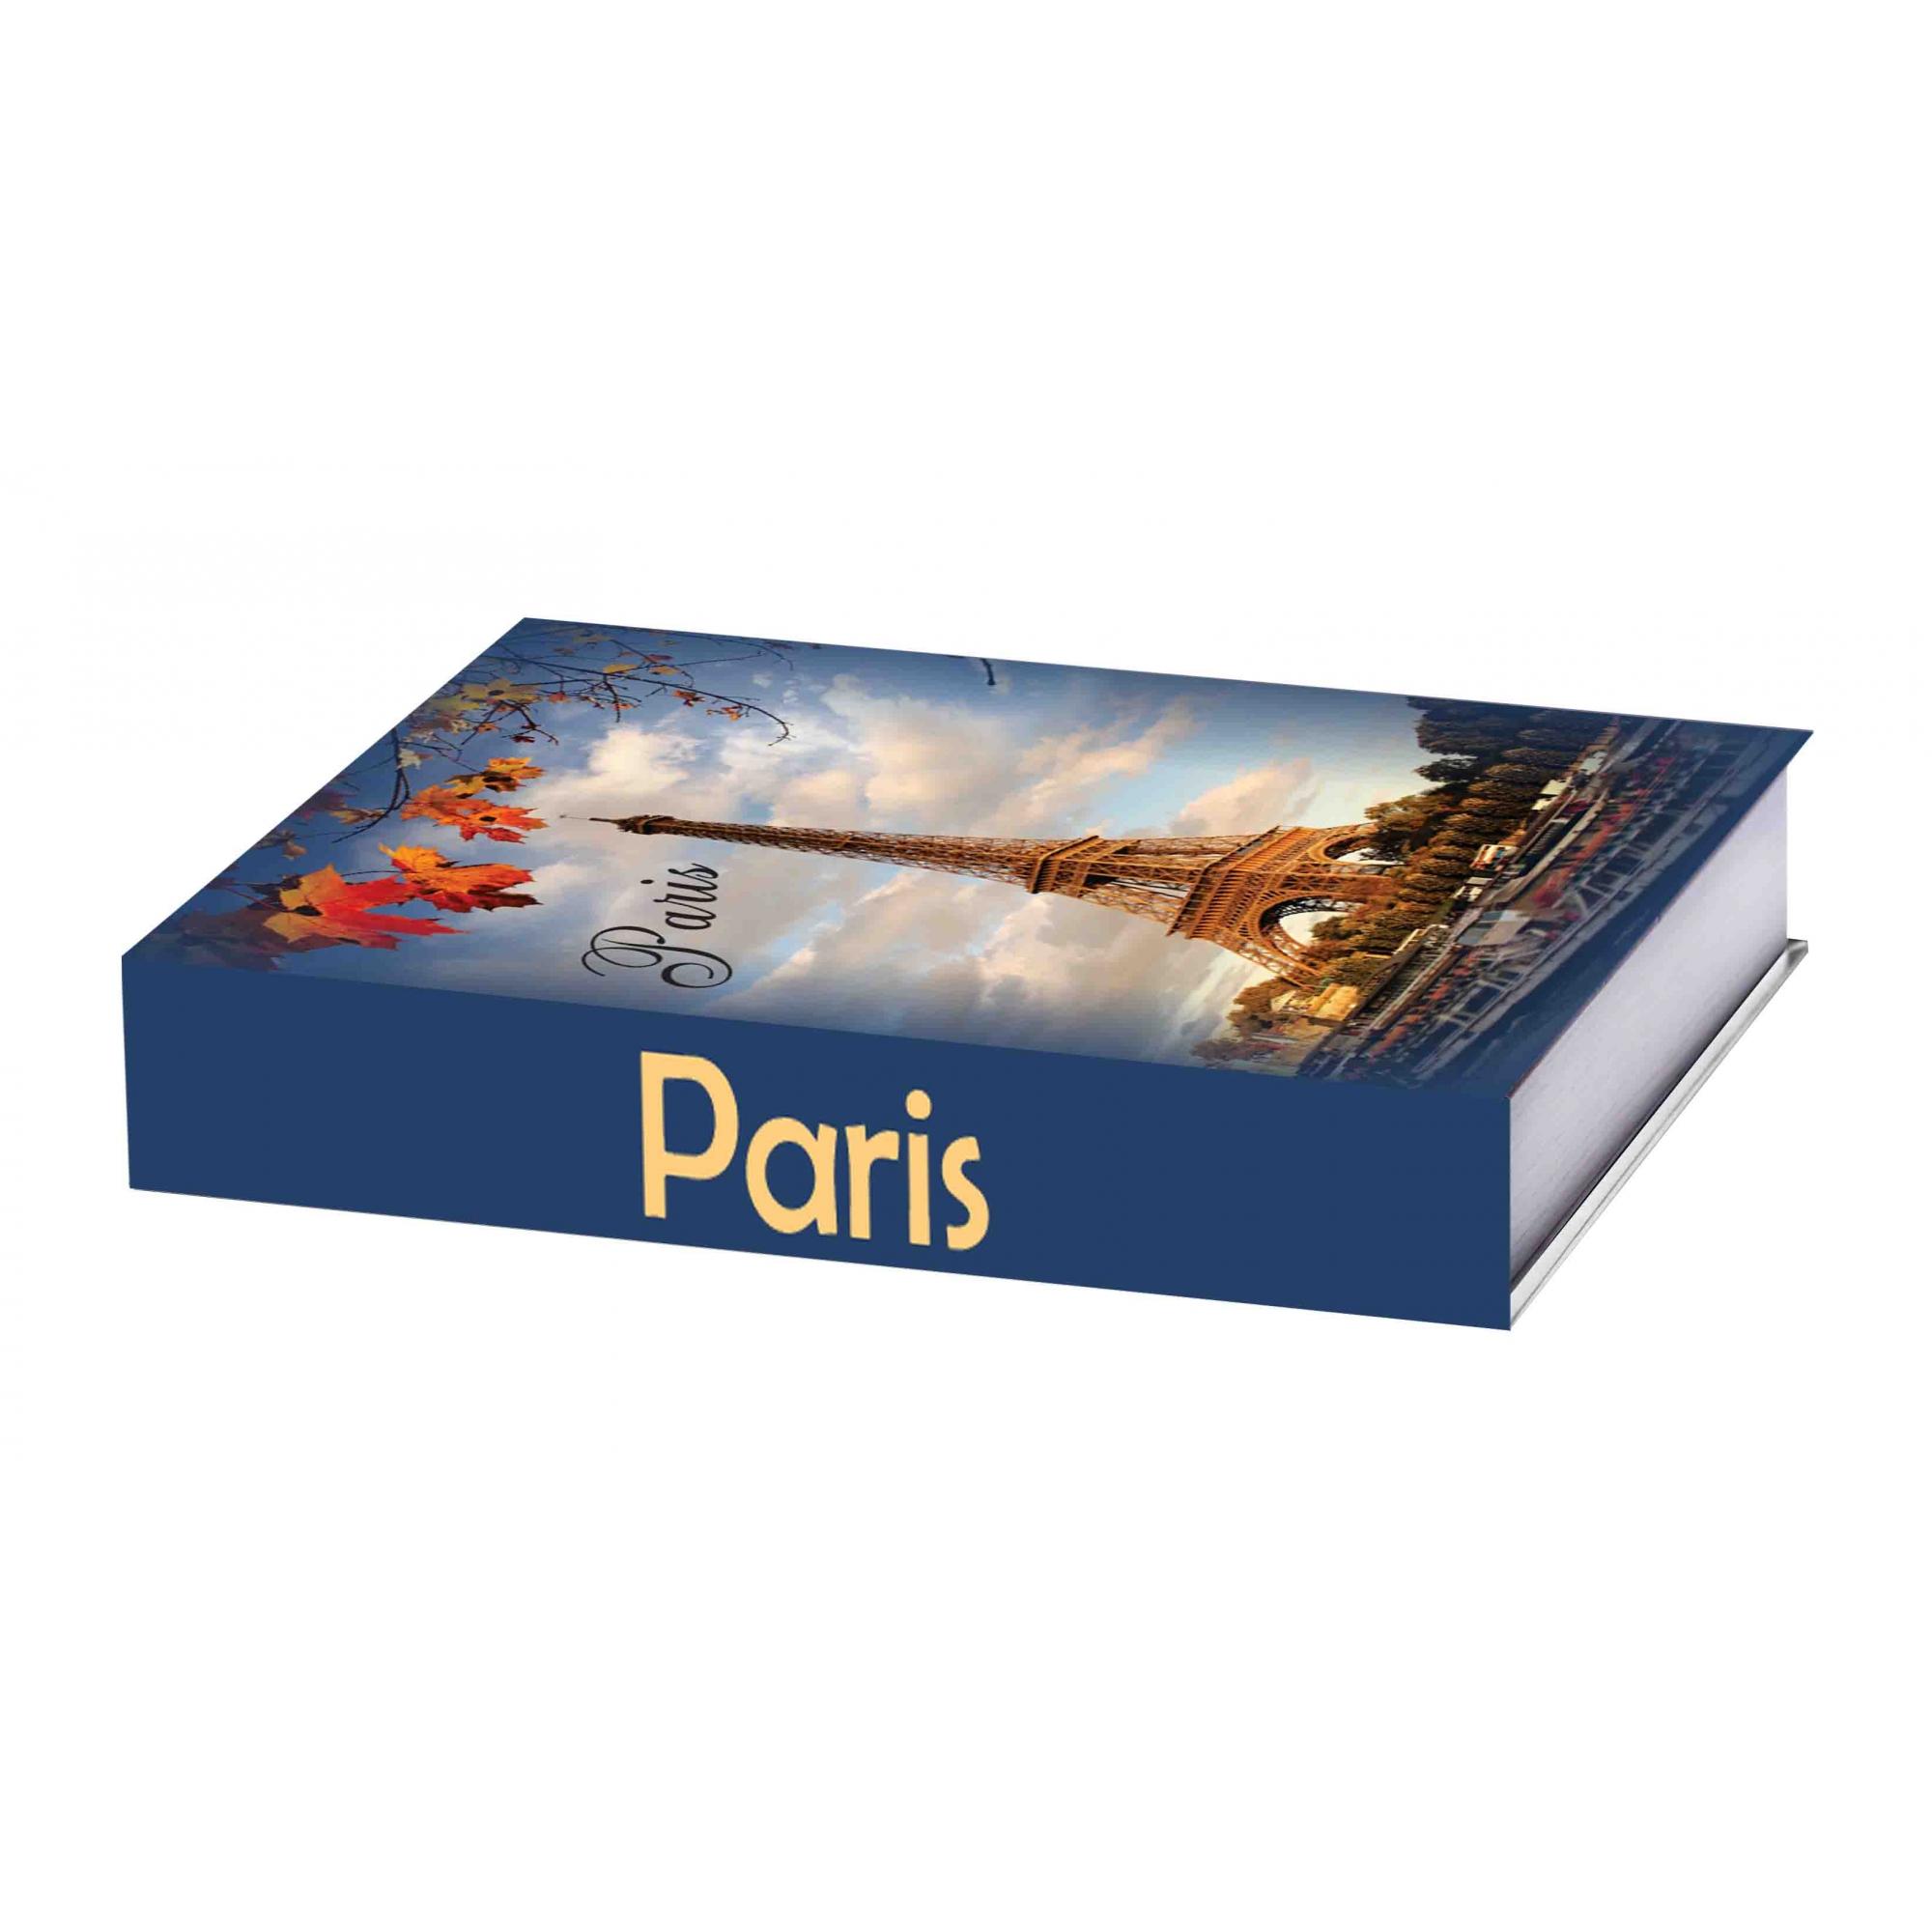 Caixa Livro Paris Outono 32x25x5cm